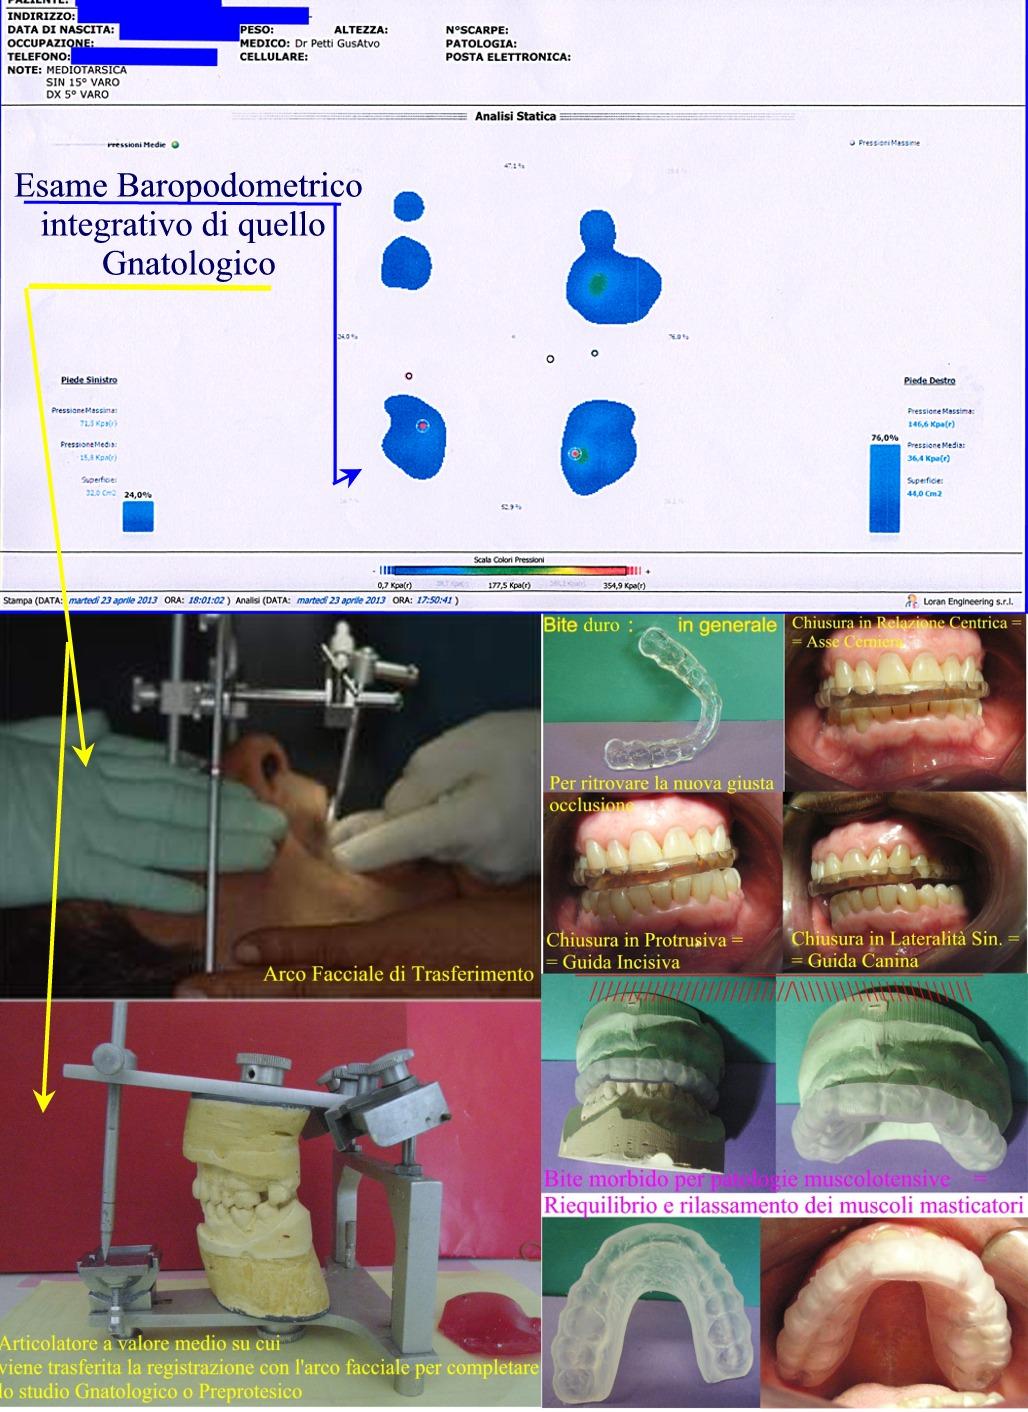 Arco Facciale di trasferimento, vari tipi di Bite e Analisi stabilometrica computerizzata ijn Gnatologia. Da Casistica del Dr. Gustavo Petti Gnatologo Parodontologo Riabilitatore Orale in Casi Clinici Complessi, di Cagliari